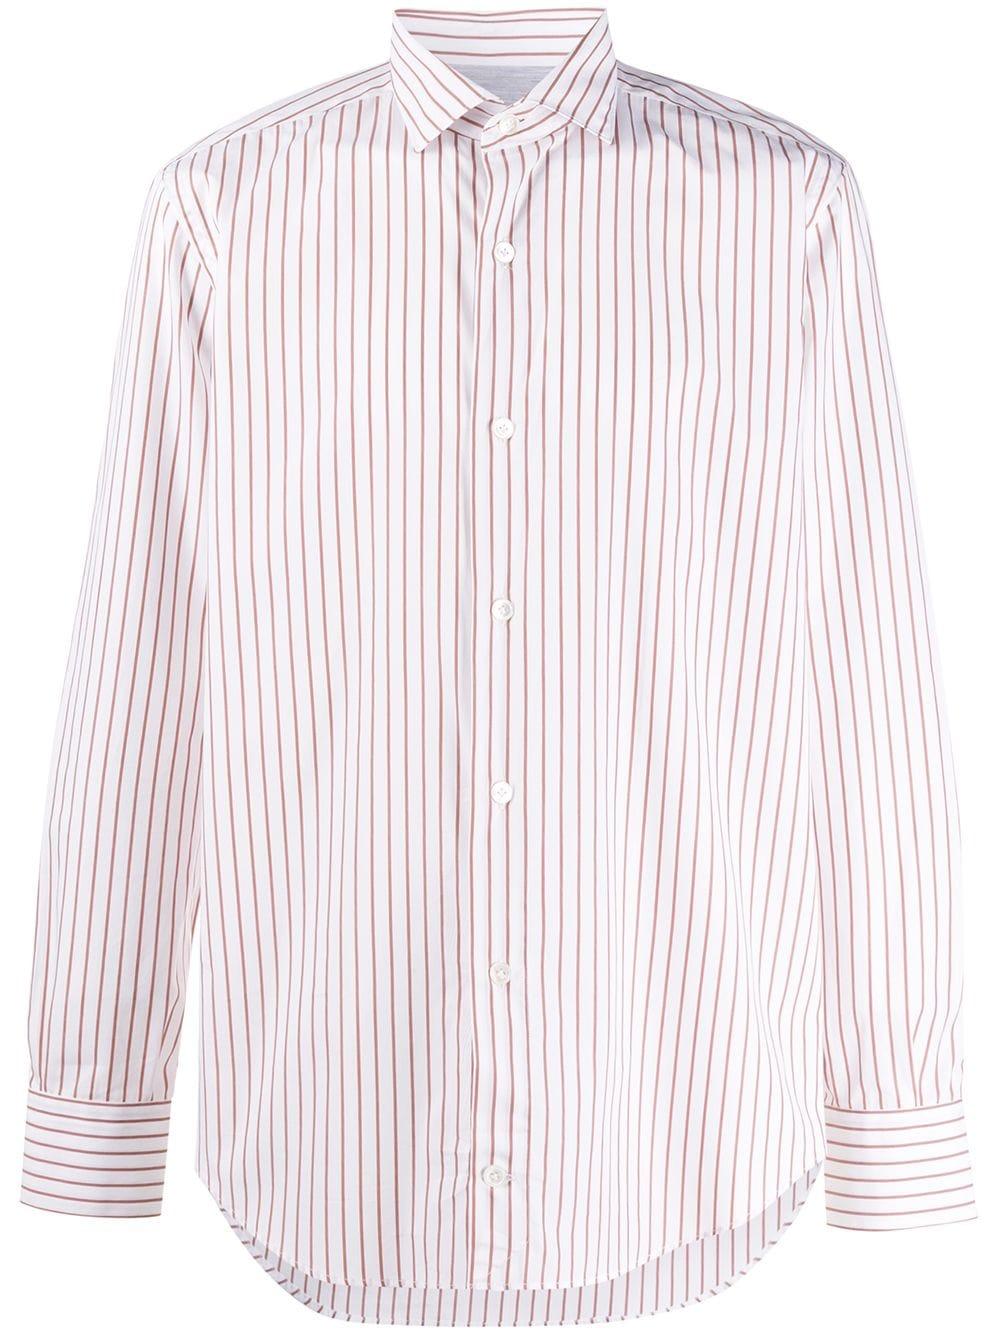 camicia con collo francese a righe in cotone bianco con stampa a righe rosse ELEVENTY | Camicie | A75CAMA18-TES0A19404